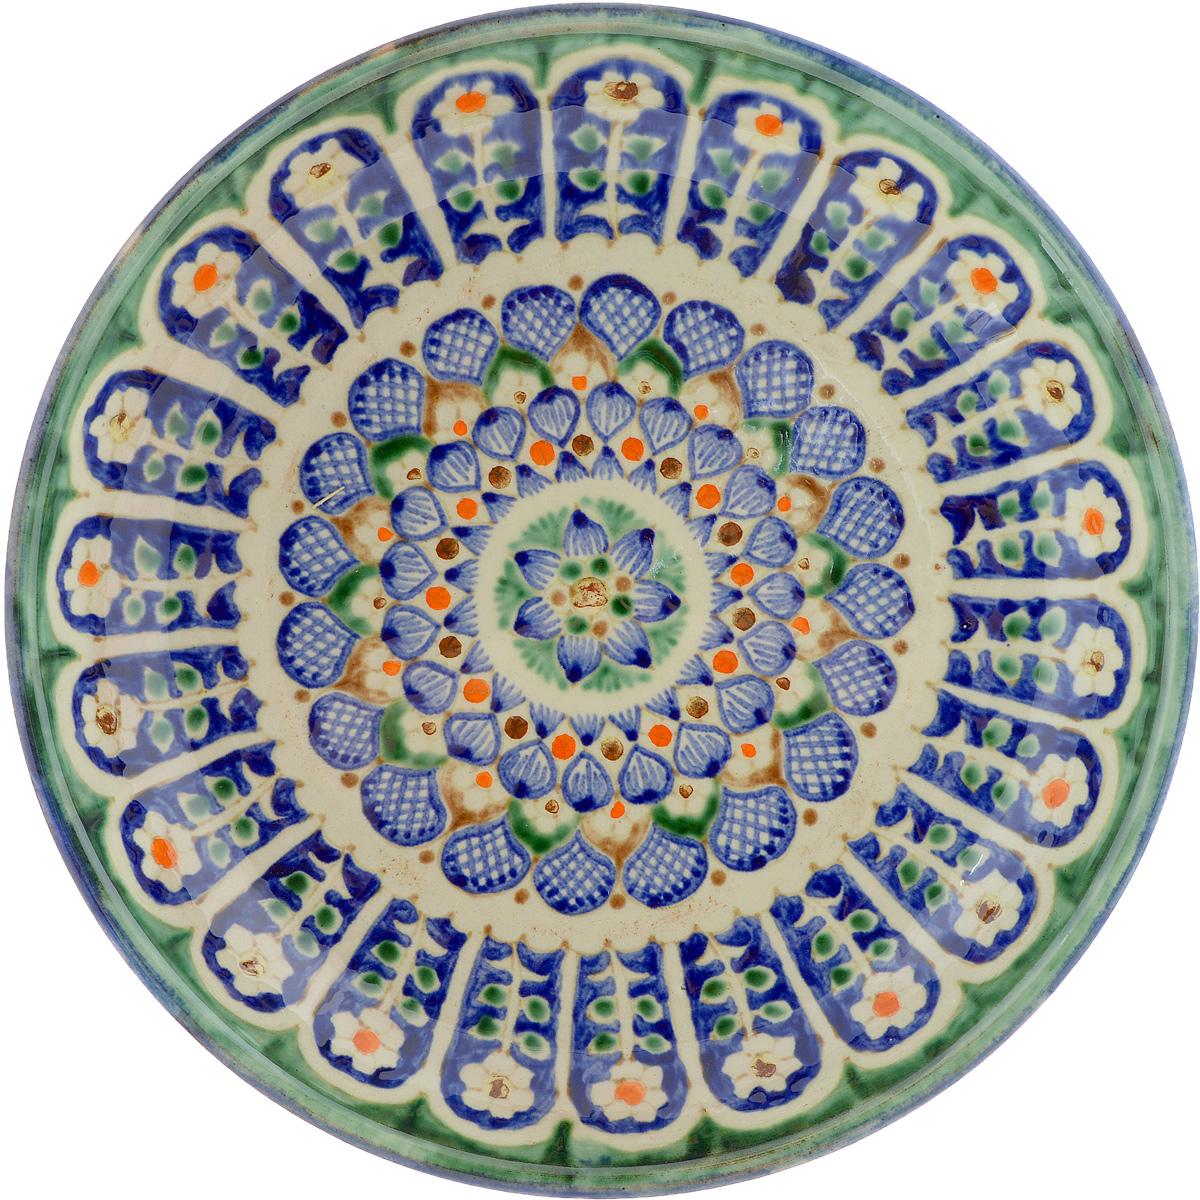 Ляган Sima-land Риштан, диаметр 24,5 см. 13358901335890Ляган Sima-land Риштан, выполненный из высококачественной керамики, отлично подойдет для подачи плова или фруктов. Такой элемент посуды является предметом национальной узбекской посуды. Ляган отлично подходит как для торжественных случаев, так и для повседневного использования. Он прекрасно оформит стол и станет отличным дополнением к вашей коллекции кухонной посуды.